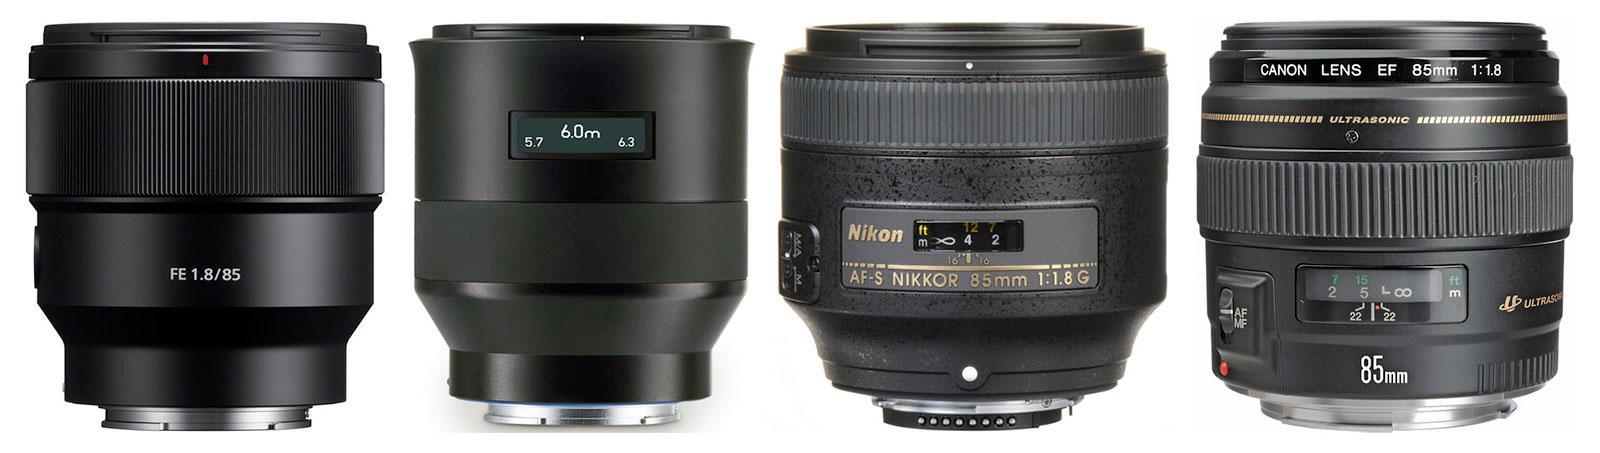 85mm F1.8 Lenses